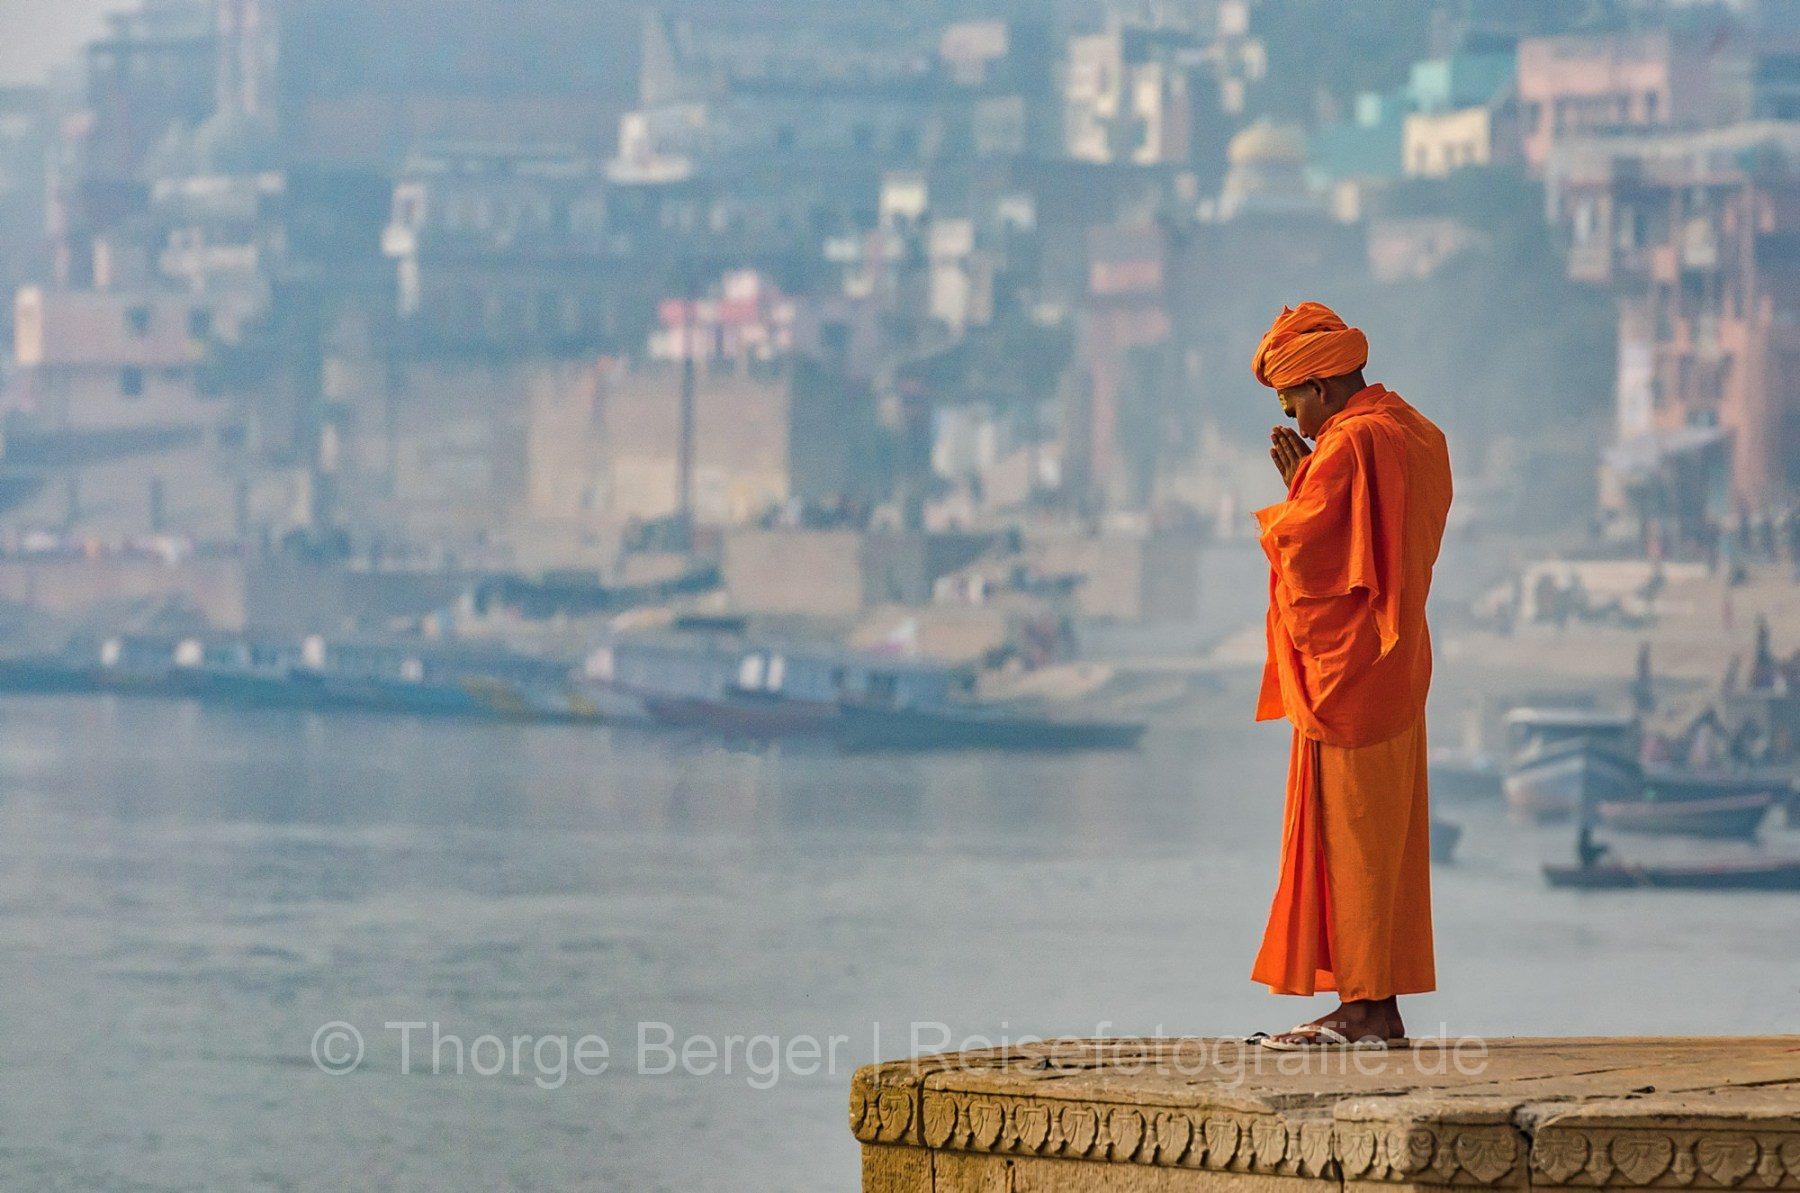 Prayaer on the Ghats of Varanasi